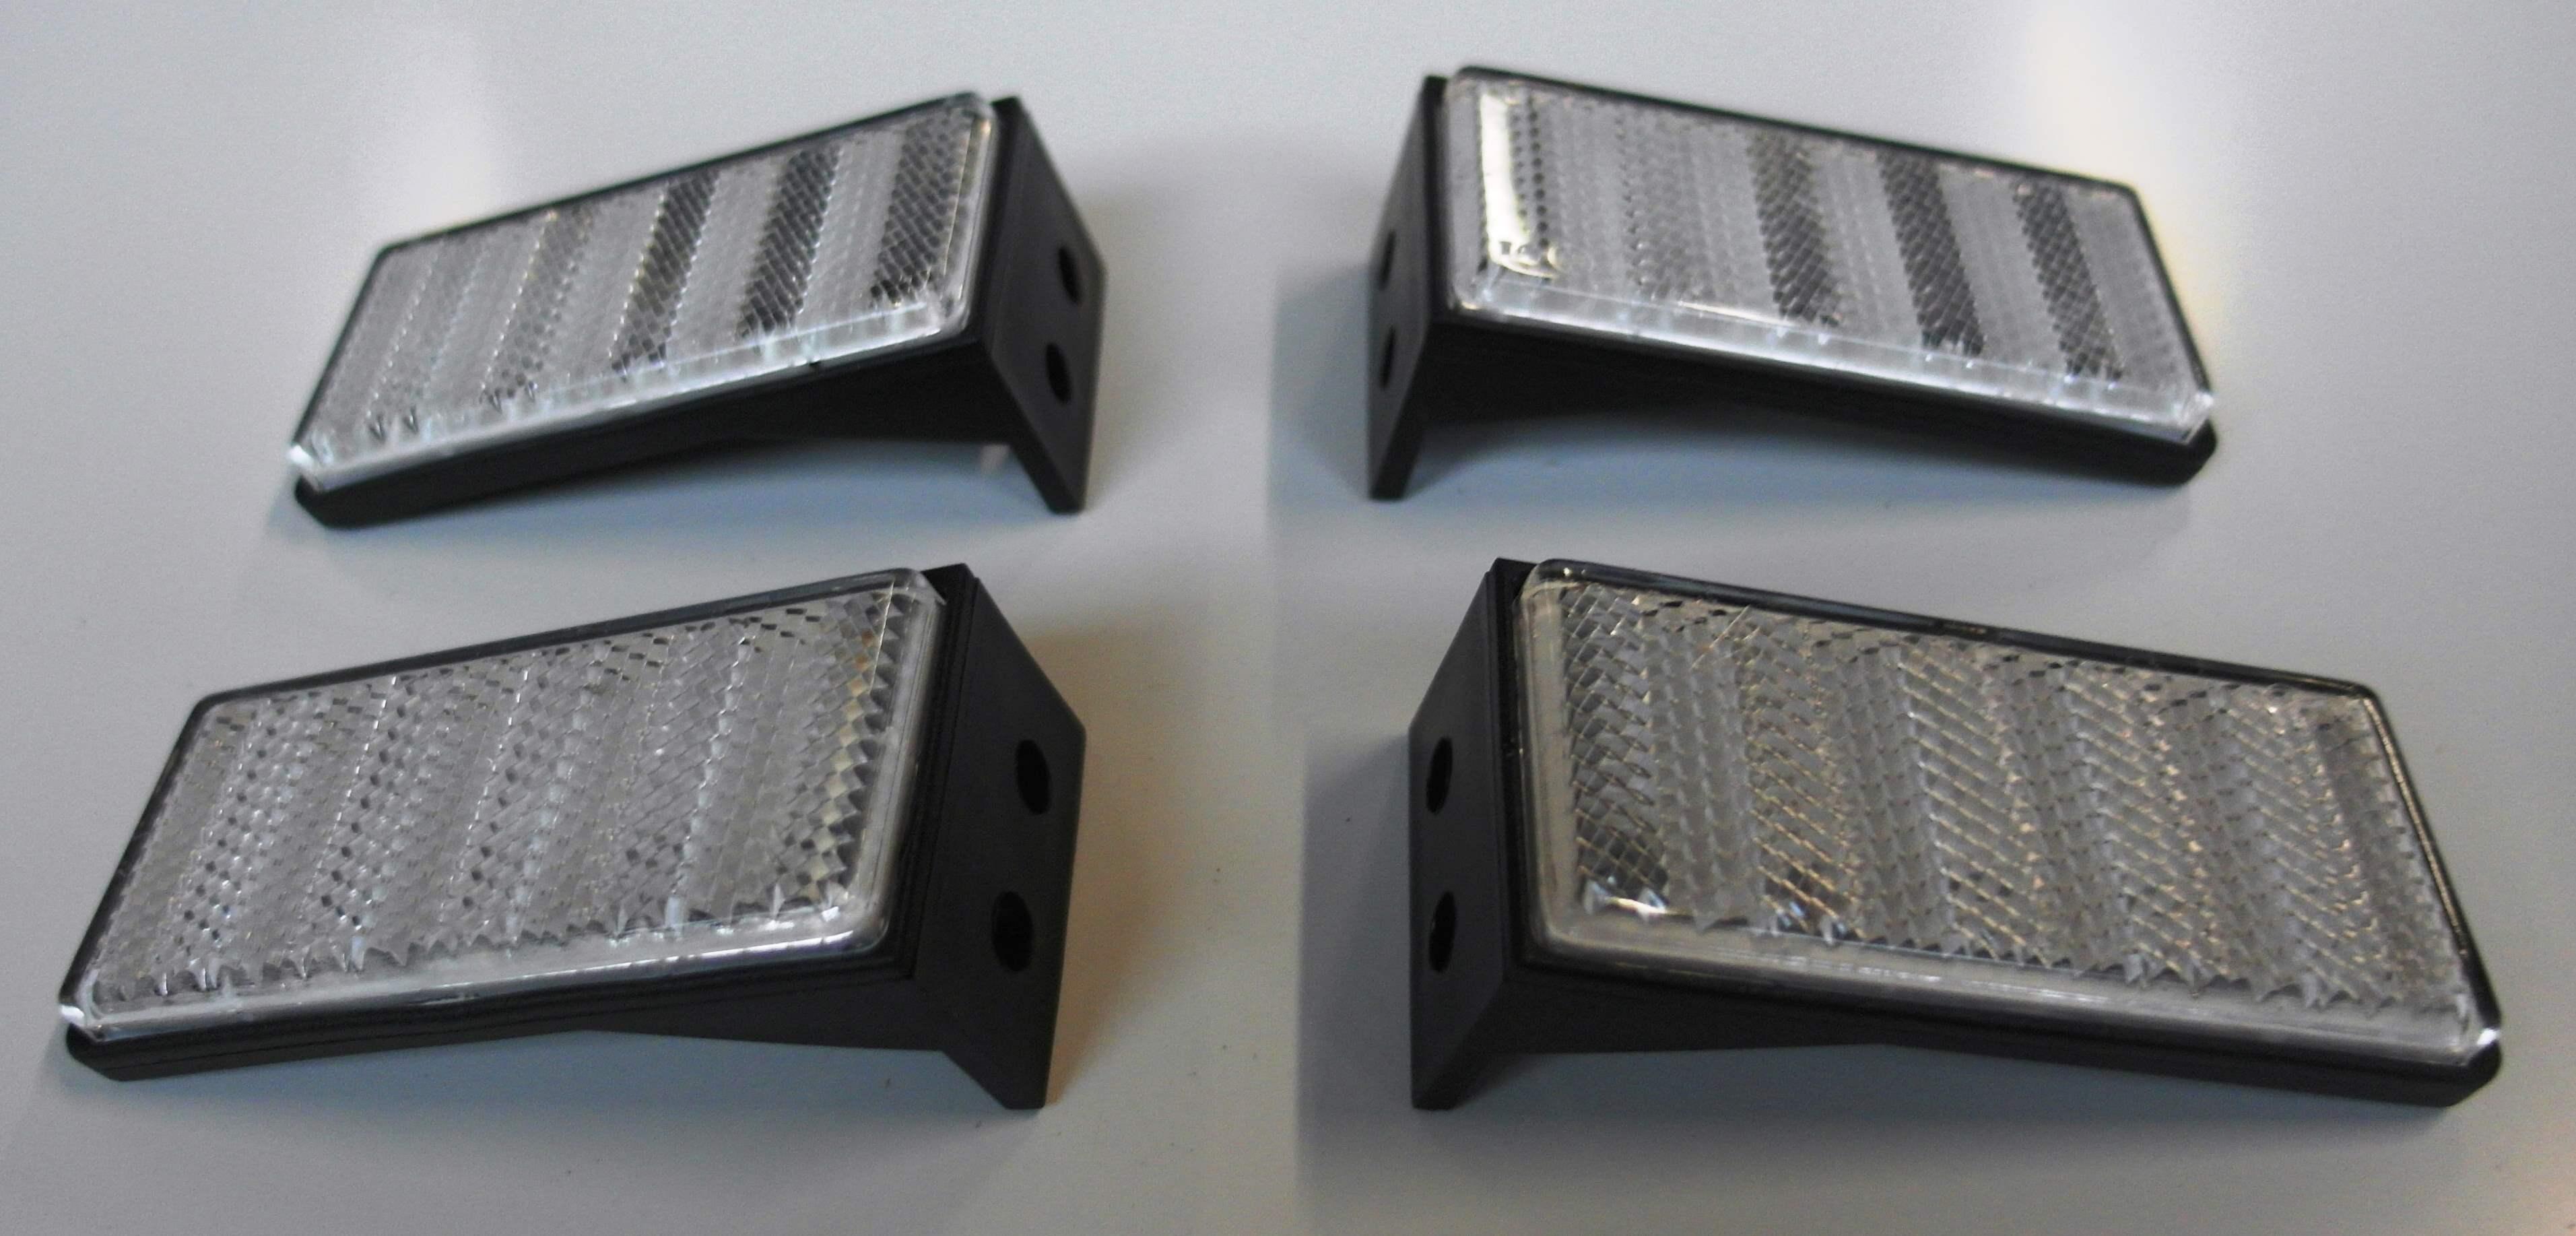 4x Katzenaugen NEU für Auto Anhänger usw SILBER Reflektoren Rückstrahler